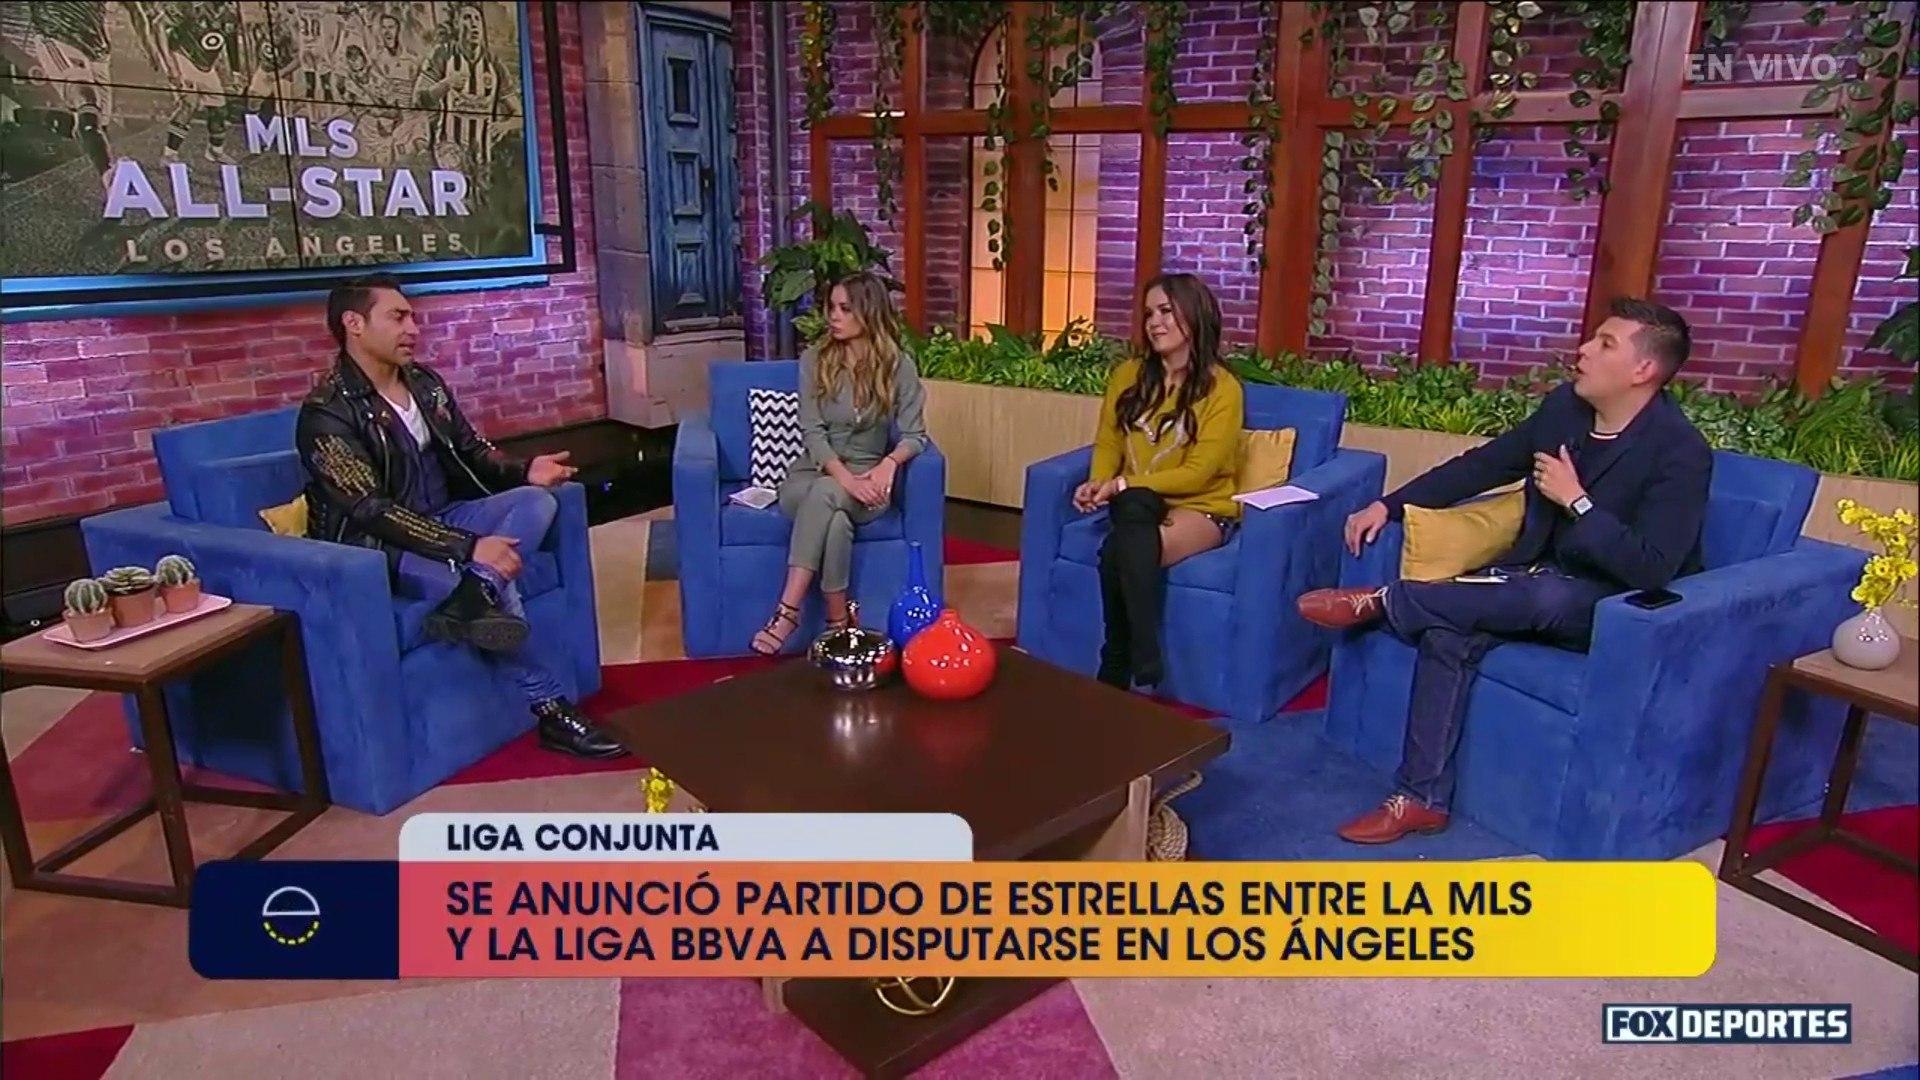 Agenda FS: ¿Es buena idea juntar la Liga MX con la MLS?